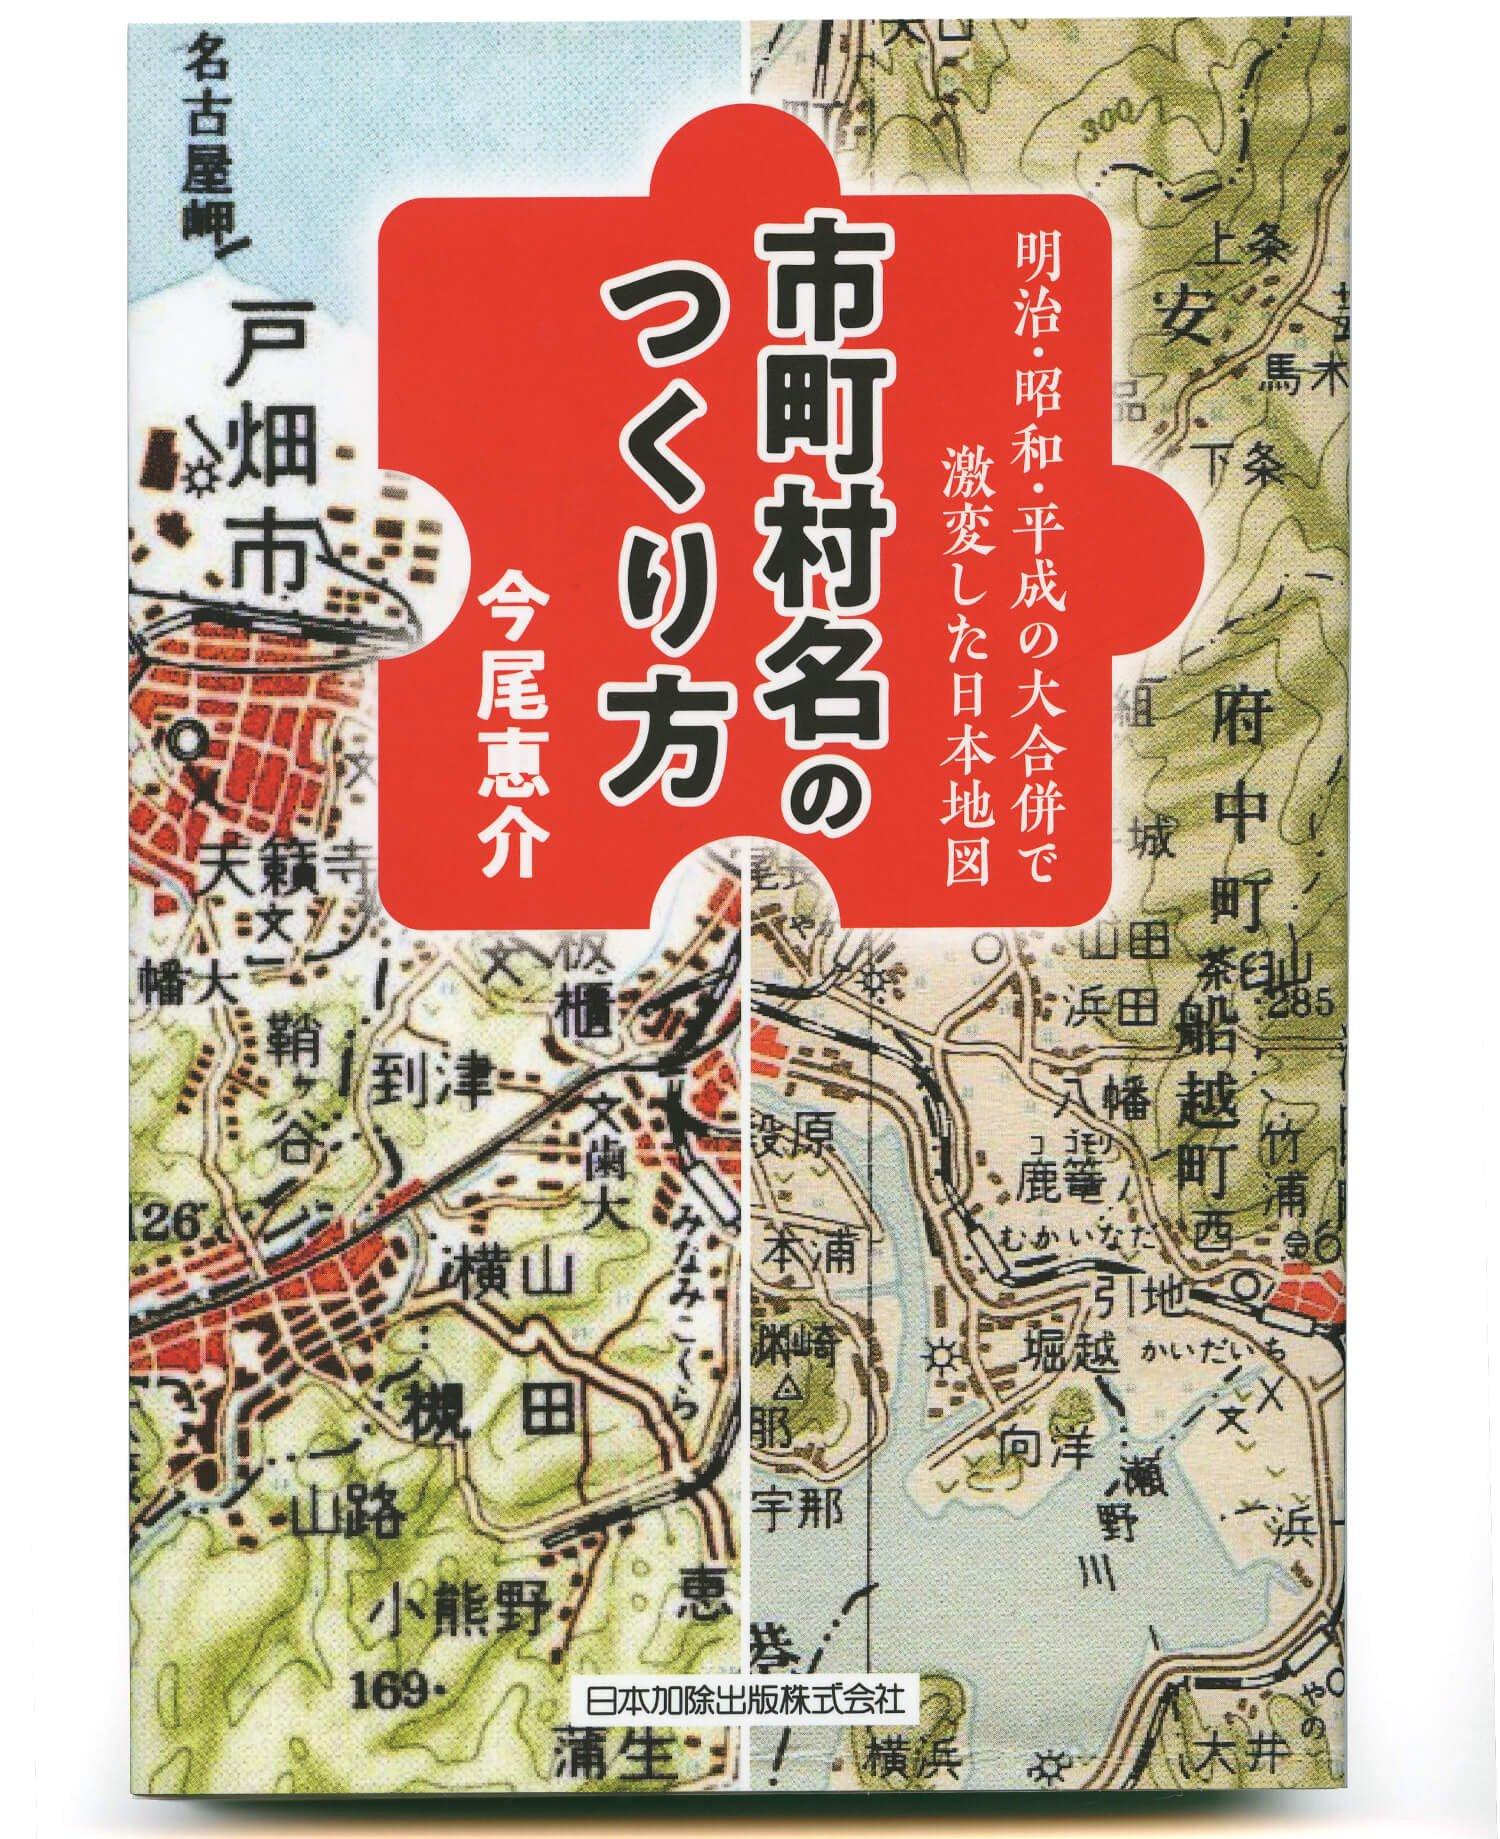 今尾恵介 著/ 日本加除出版/ 1700円+税